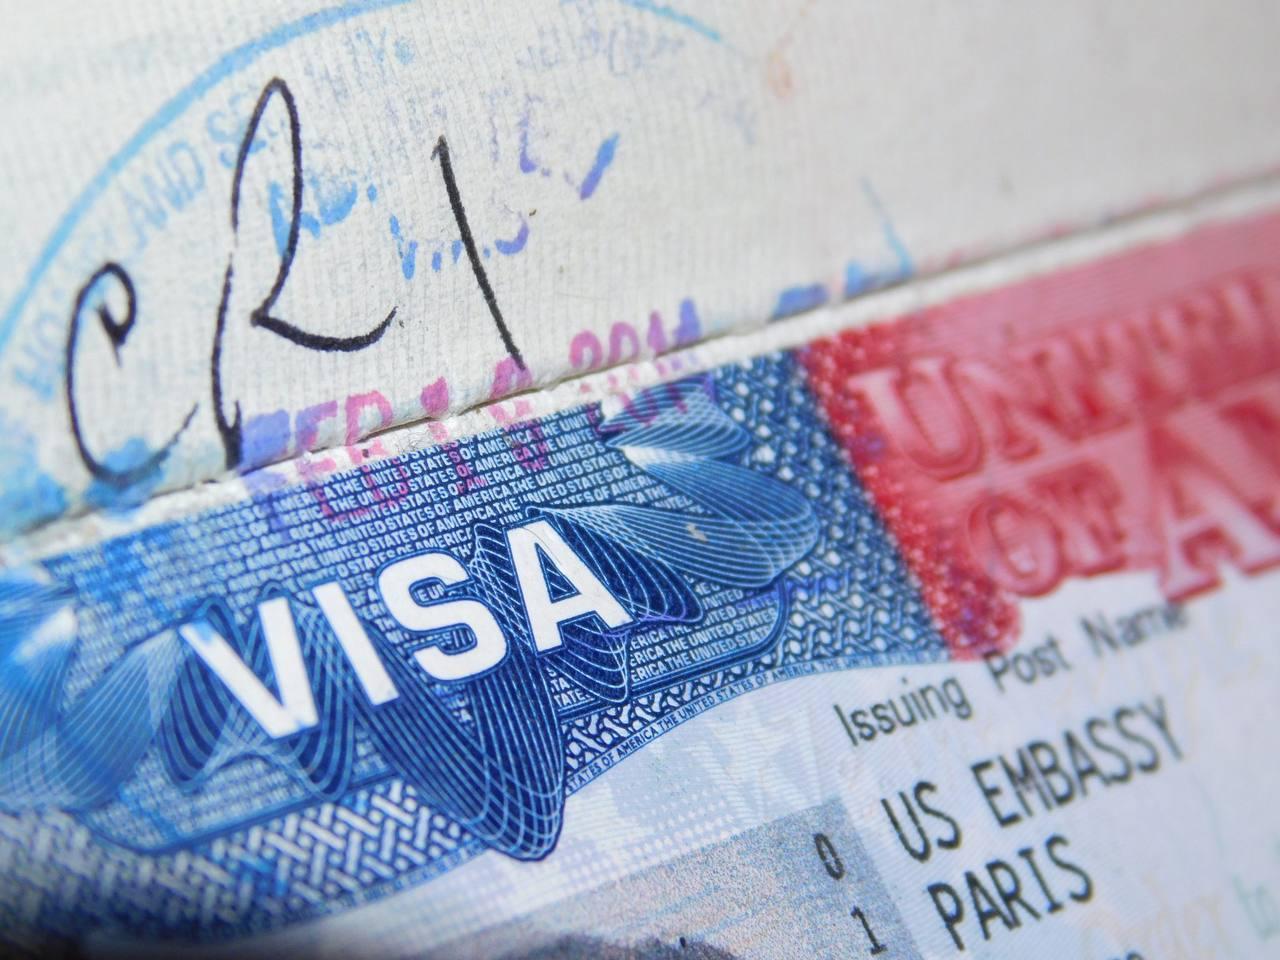 Photo of Le Mystère du Visa E-2 pour les Français aux Etats-Unis (la chronique juridique de Me David S. Willig)